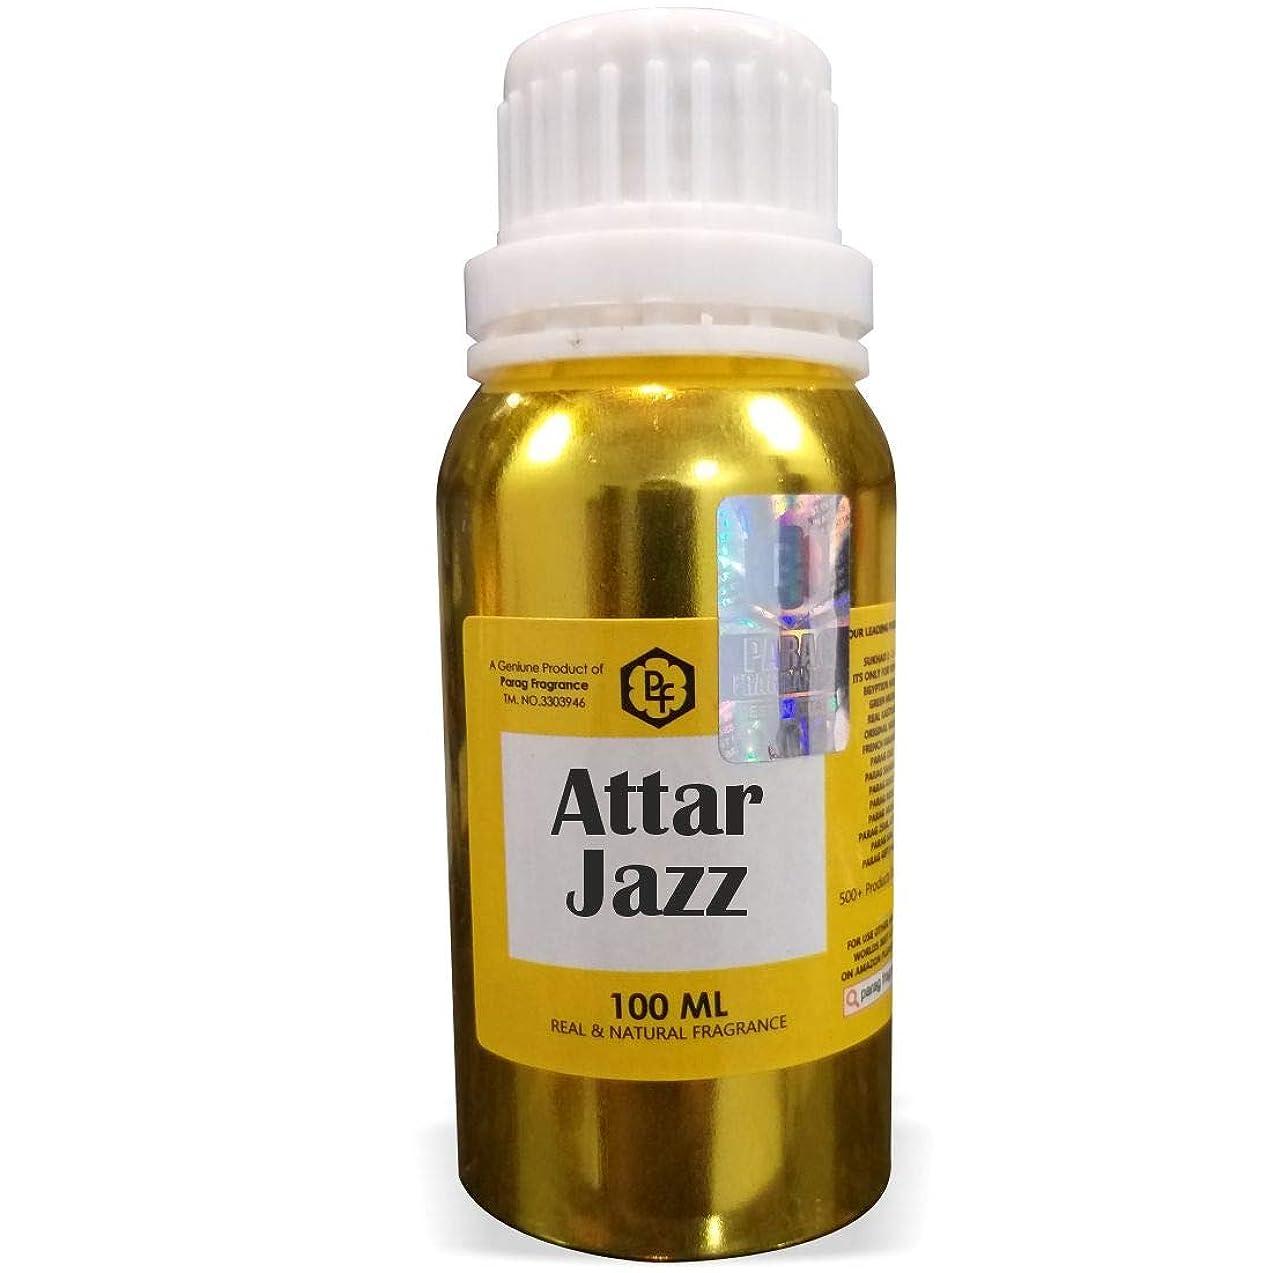 人工大混乱もParagフレグランスジャズ?アター100ミリリットル(男性用アルコールフリーアター)香油| 香り| ITRA